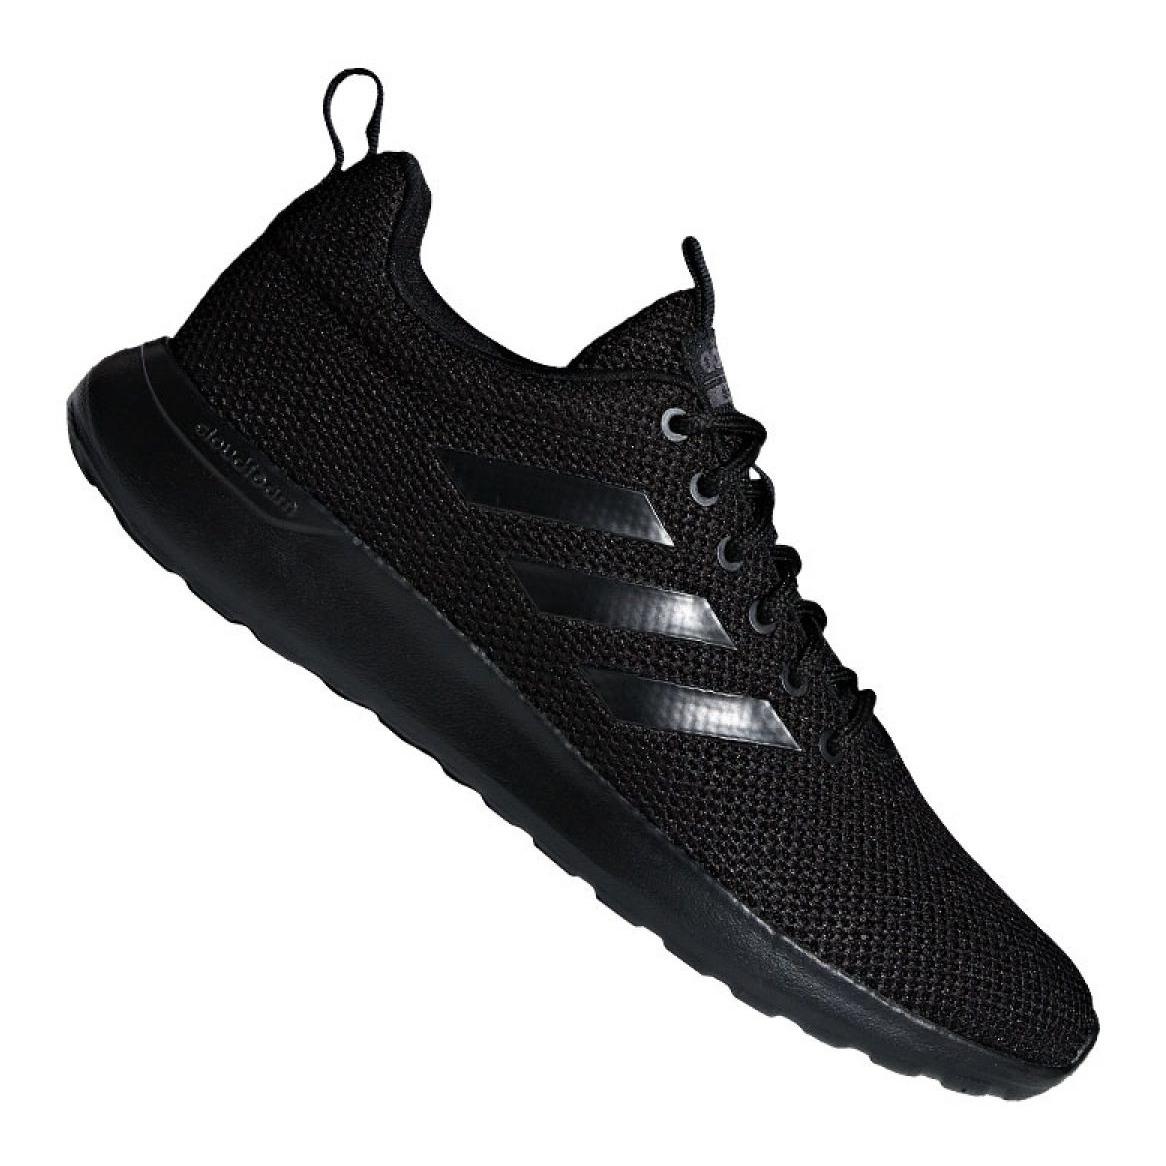 Adidas Lite Racer Cln M F34574 shoes